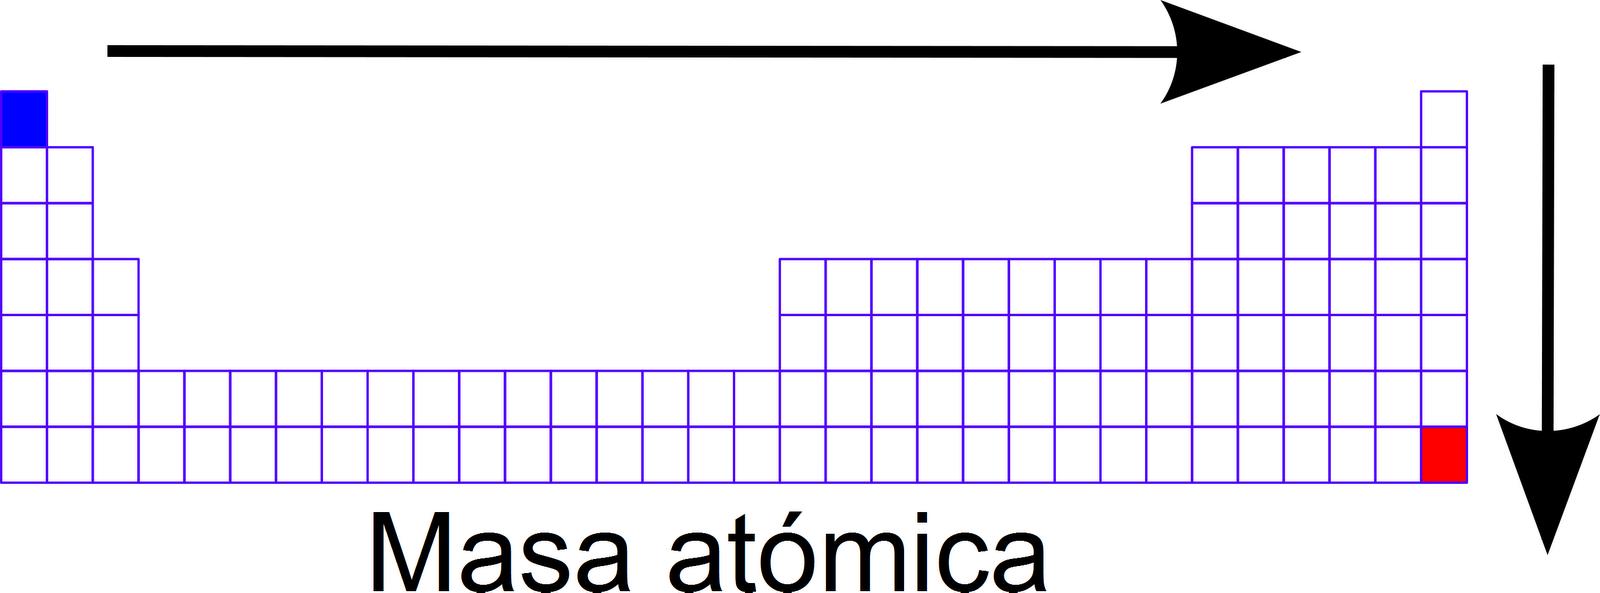 Aprendamos qumica informacin contenida en la tabla peridica hace referencia a cada una de las filas de la tabla peridica asimismo corresponde al nmero de niveles energticos que son utilizadas por los electrones urtaz Image collections